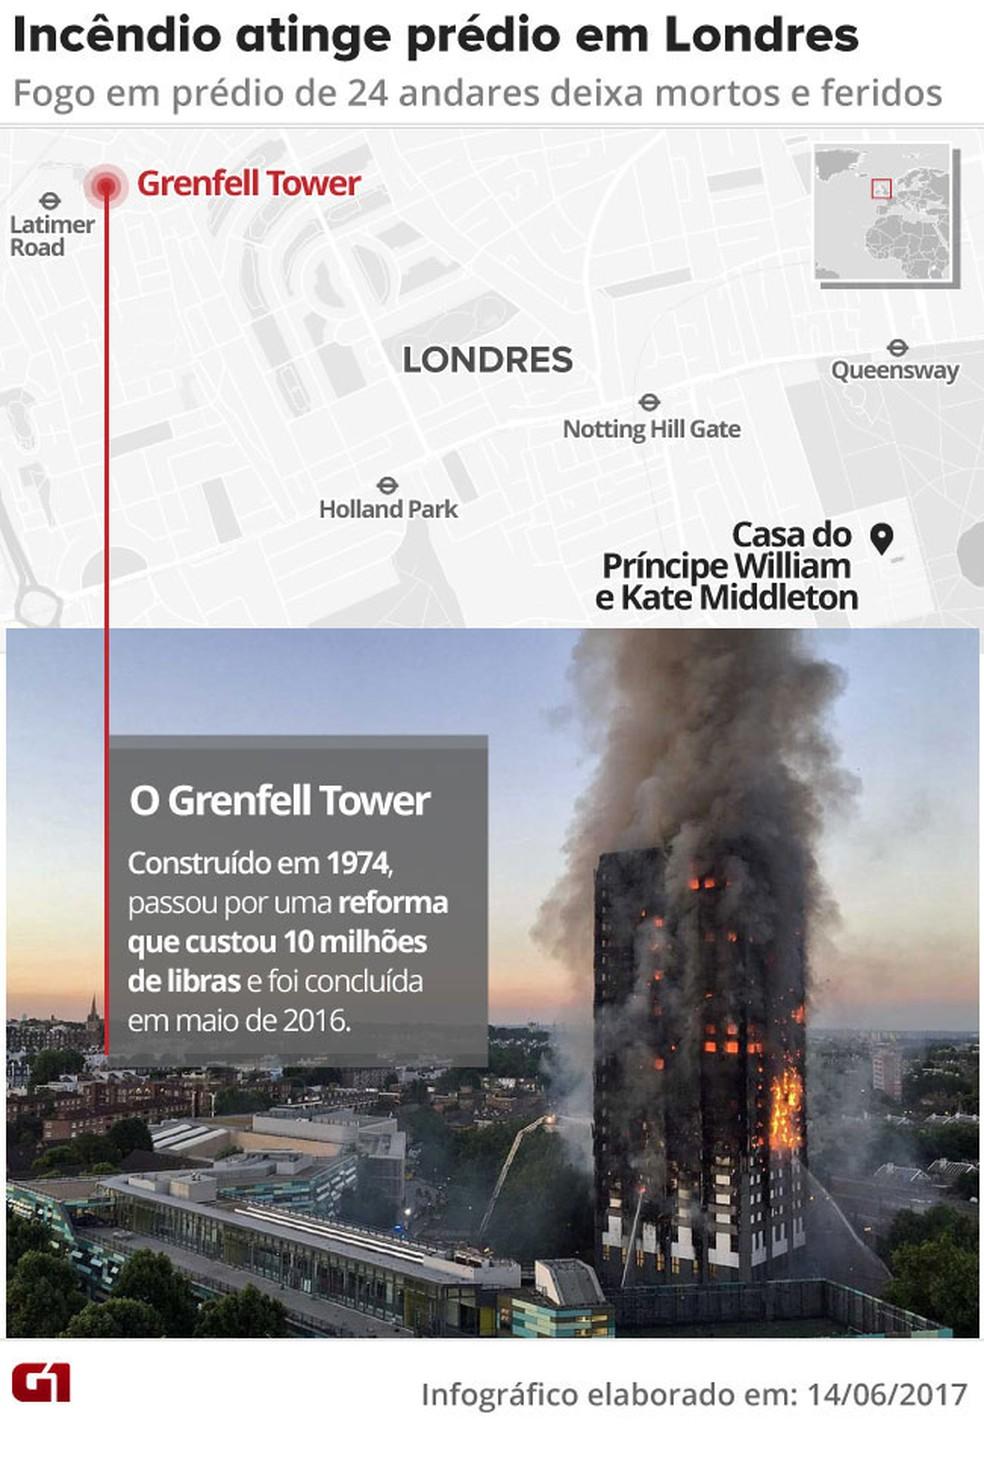 Incêndio Londres (Foto: Arte/G1)